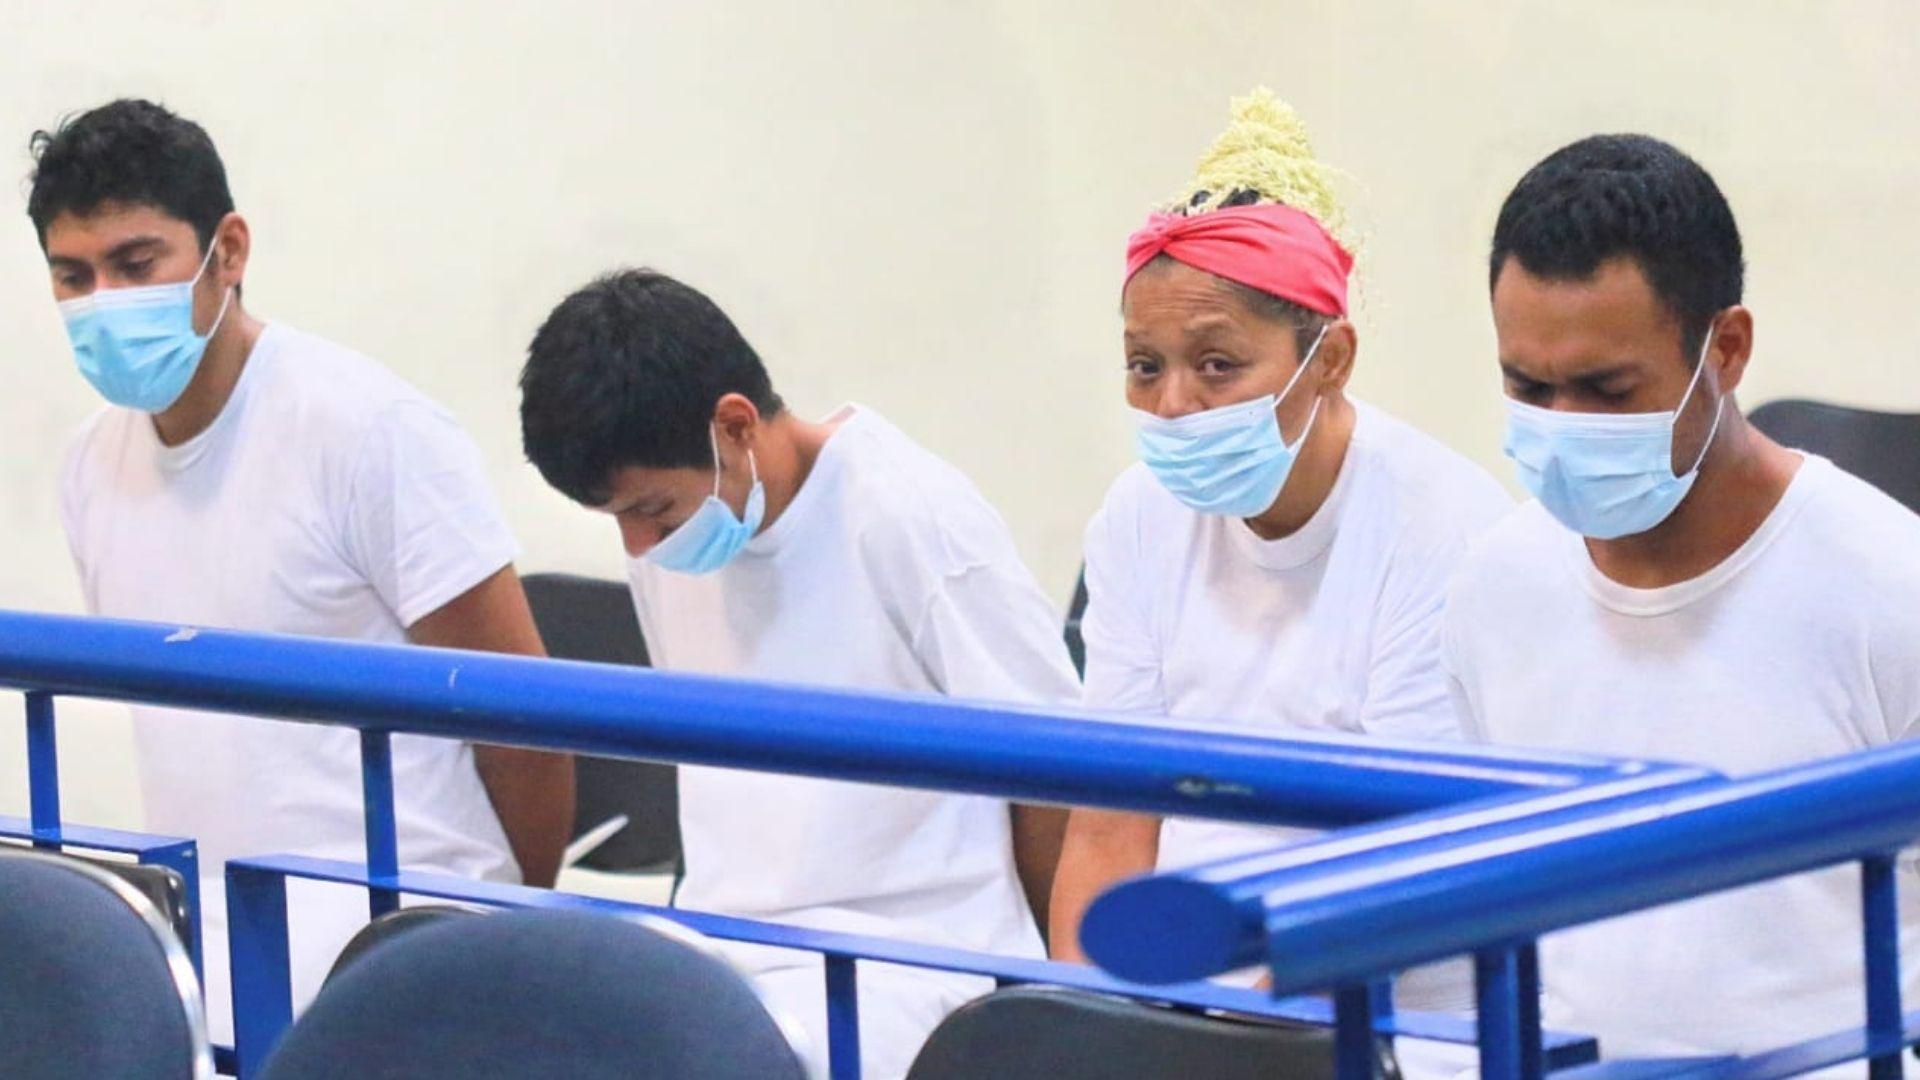 Los cinco supuestos pandilleros acusados de privar de libertad y luego asesinar a Edwin Ezequiel Ayala, conocido como el payaso Chirolito fueron enviados a prisión mientras continúan las investigaciones, así lo decidió el Juzgado de Instrucción B de San Salvador.